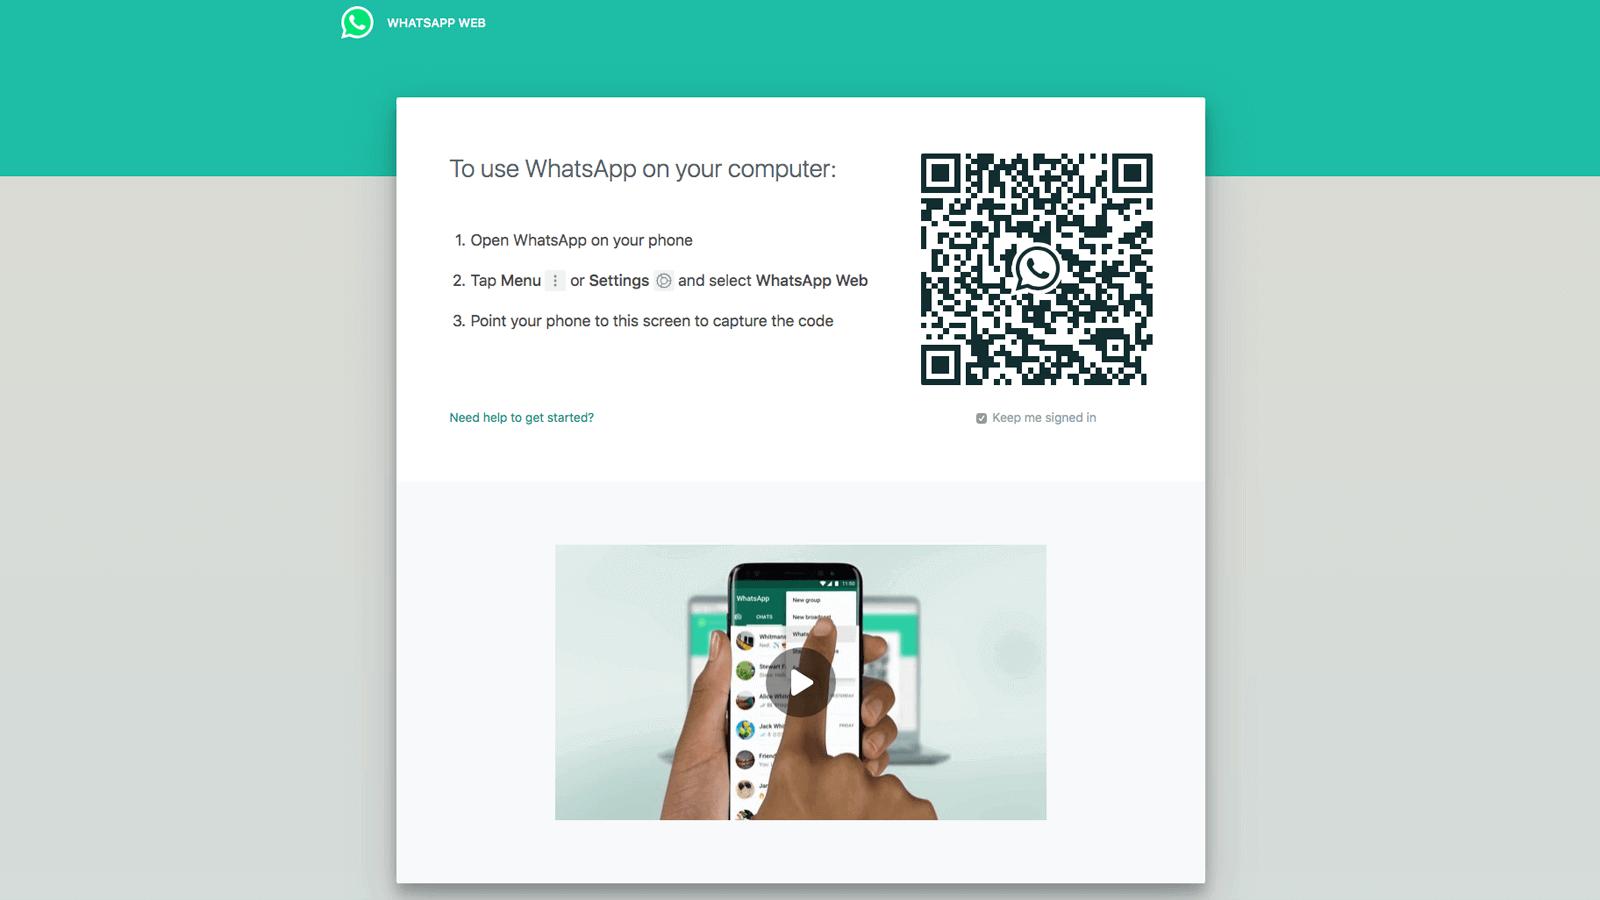 cara menggunakan whatsapp web di laptop